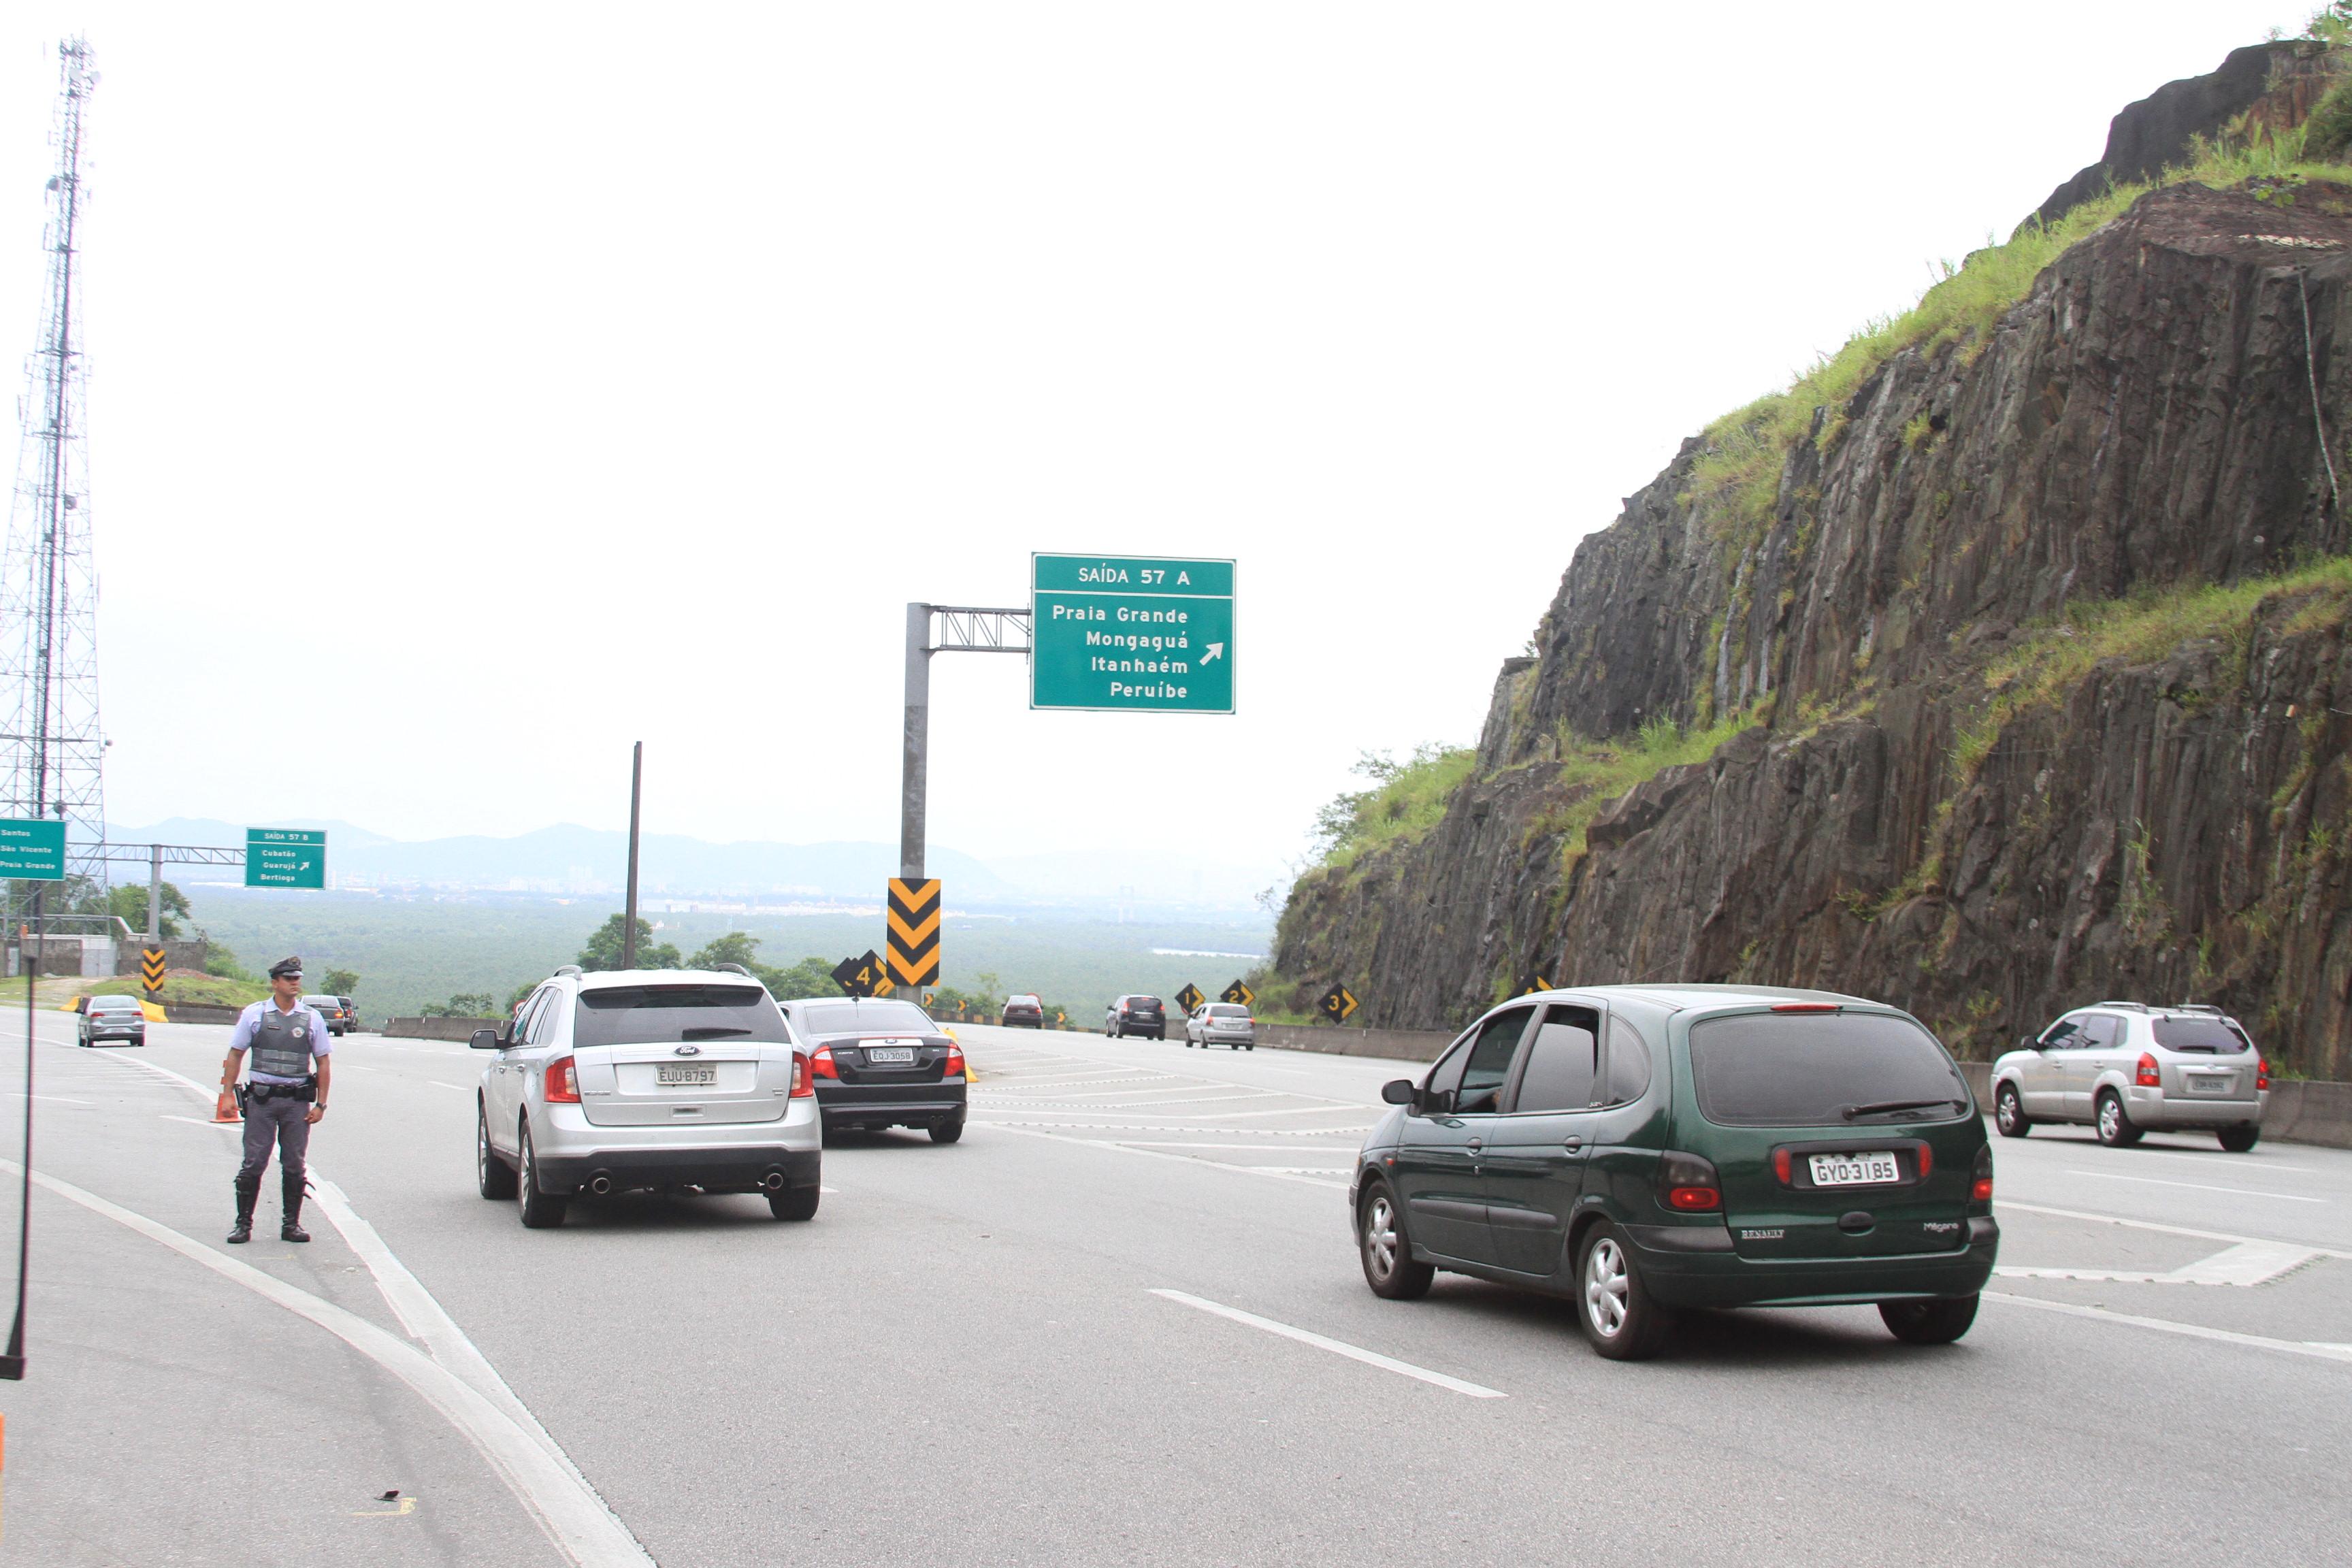 Atenção ao volante e checklist antes de iniciar viagem são fundamentais para um percurso tranquilo